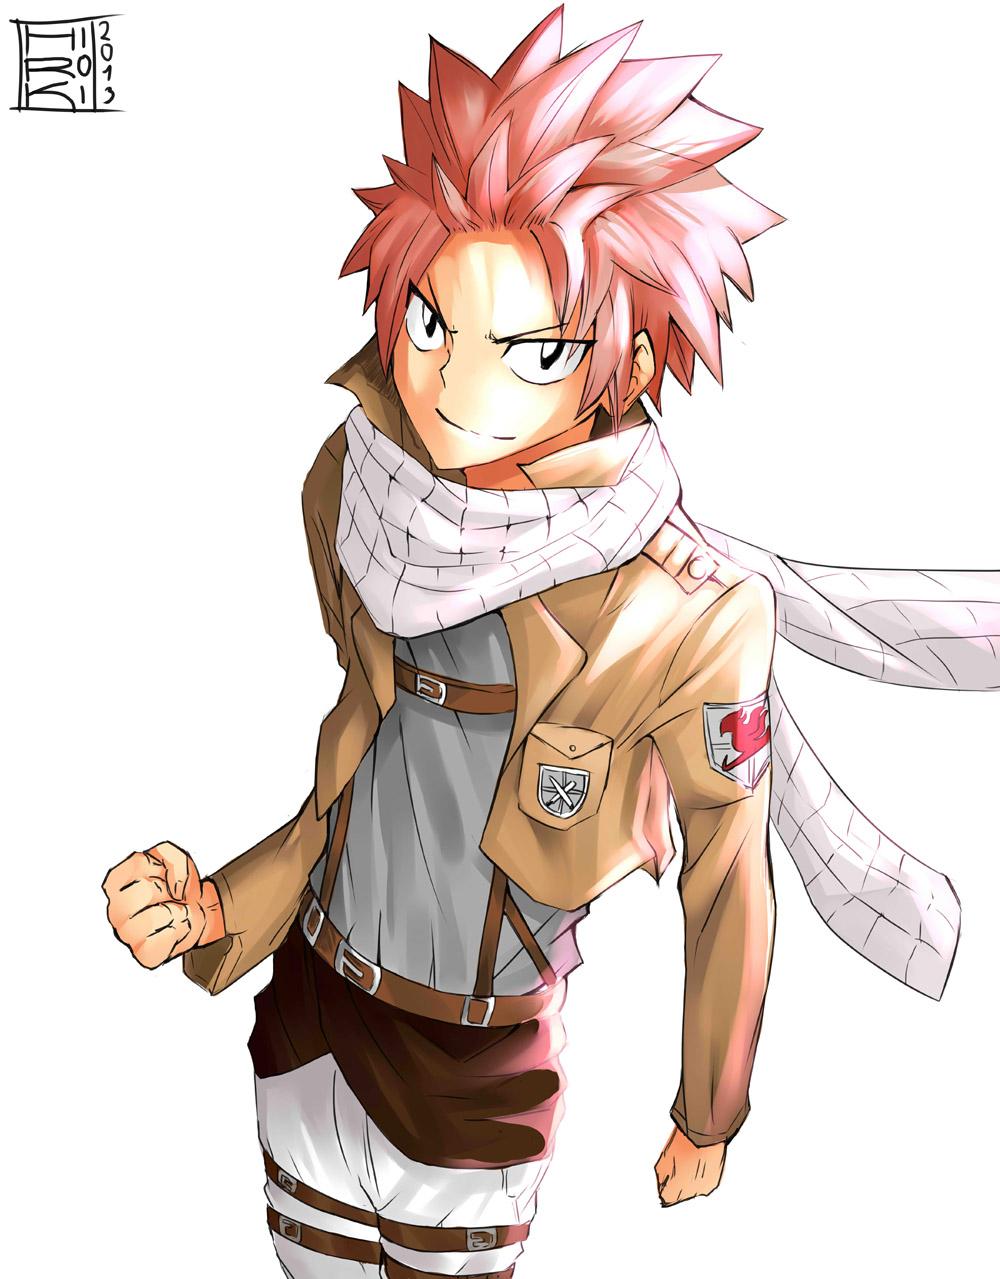 Natsu Dragneel - FAIRY TAIL - Zerochan Anime Image Board